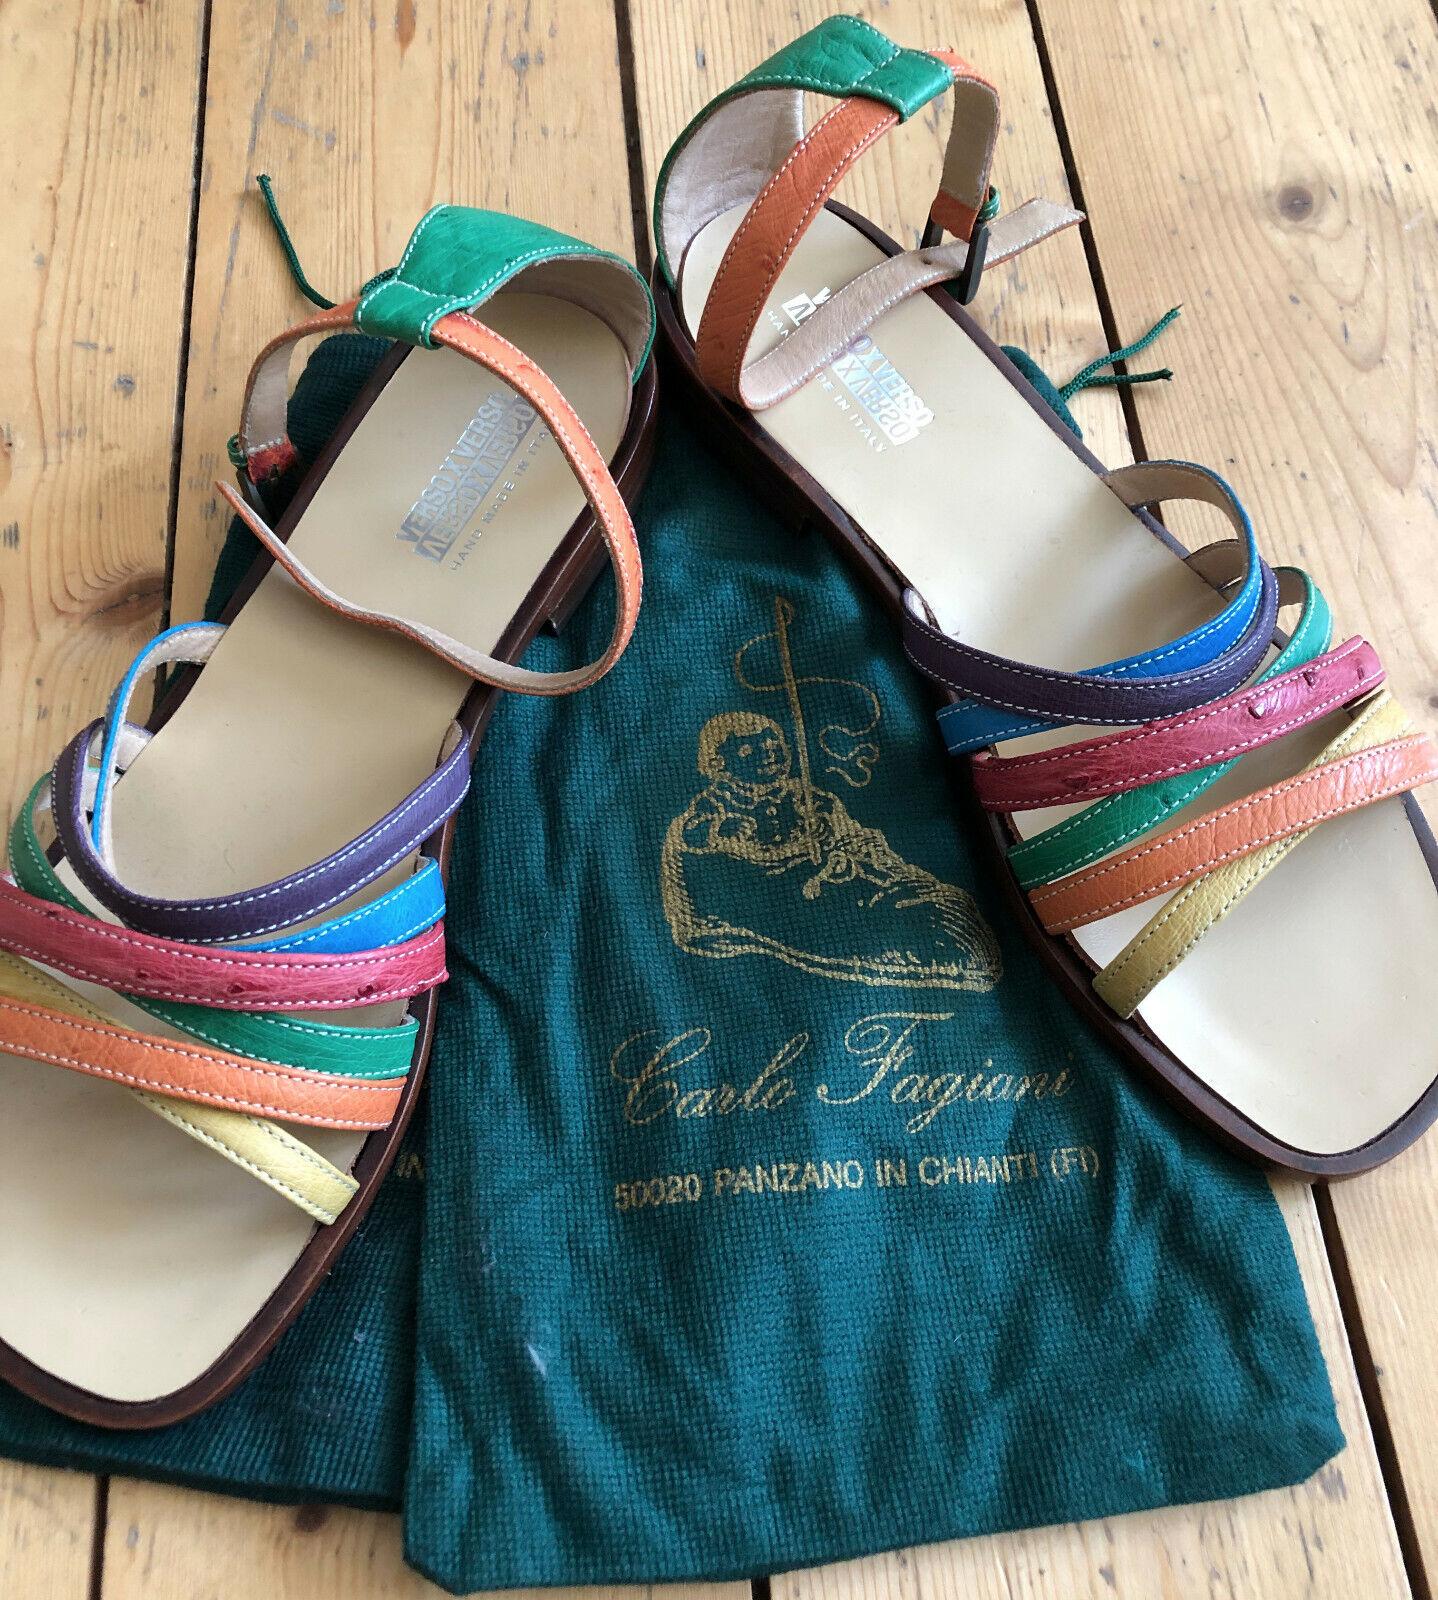 Versoxverso SANDALI scarpe Cinturino Handmade Pelle Italia Coloreeato Taglia 39 NUOVO